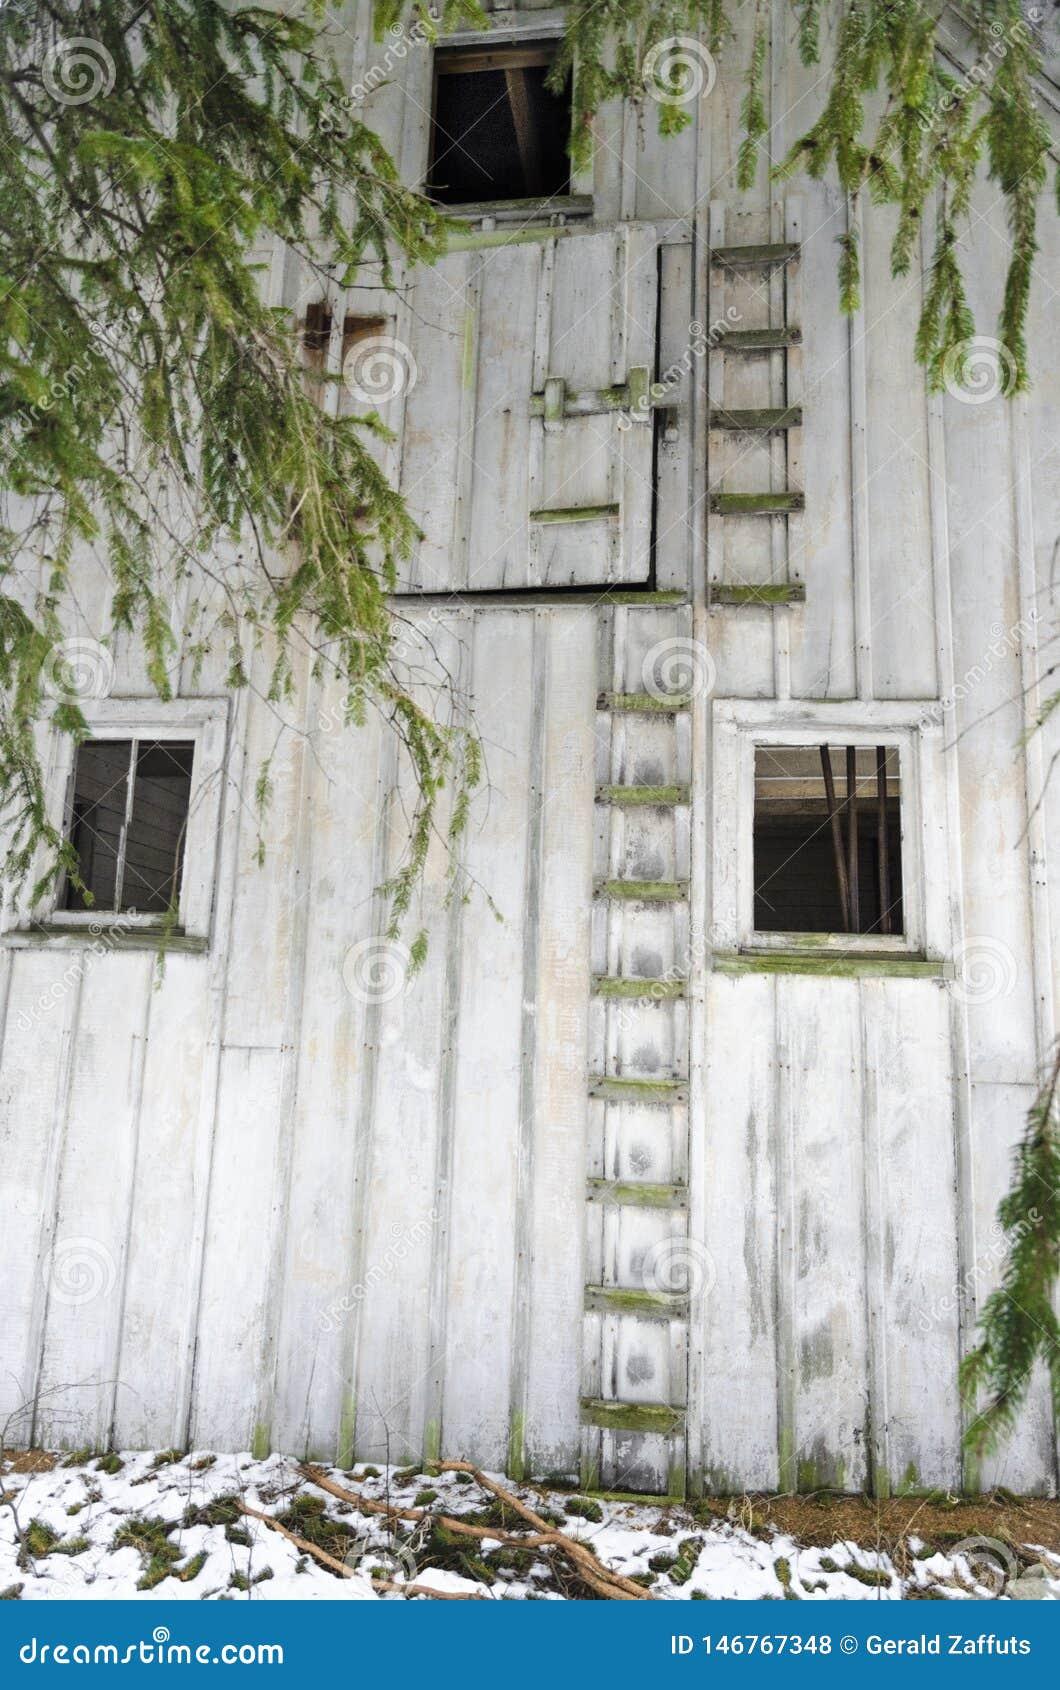 Verlassene Scheunenaußenwand mit Leitern und Fenstern